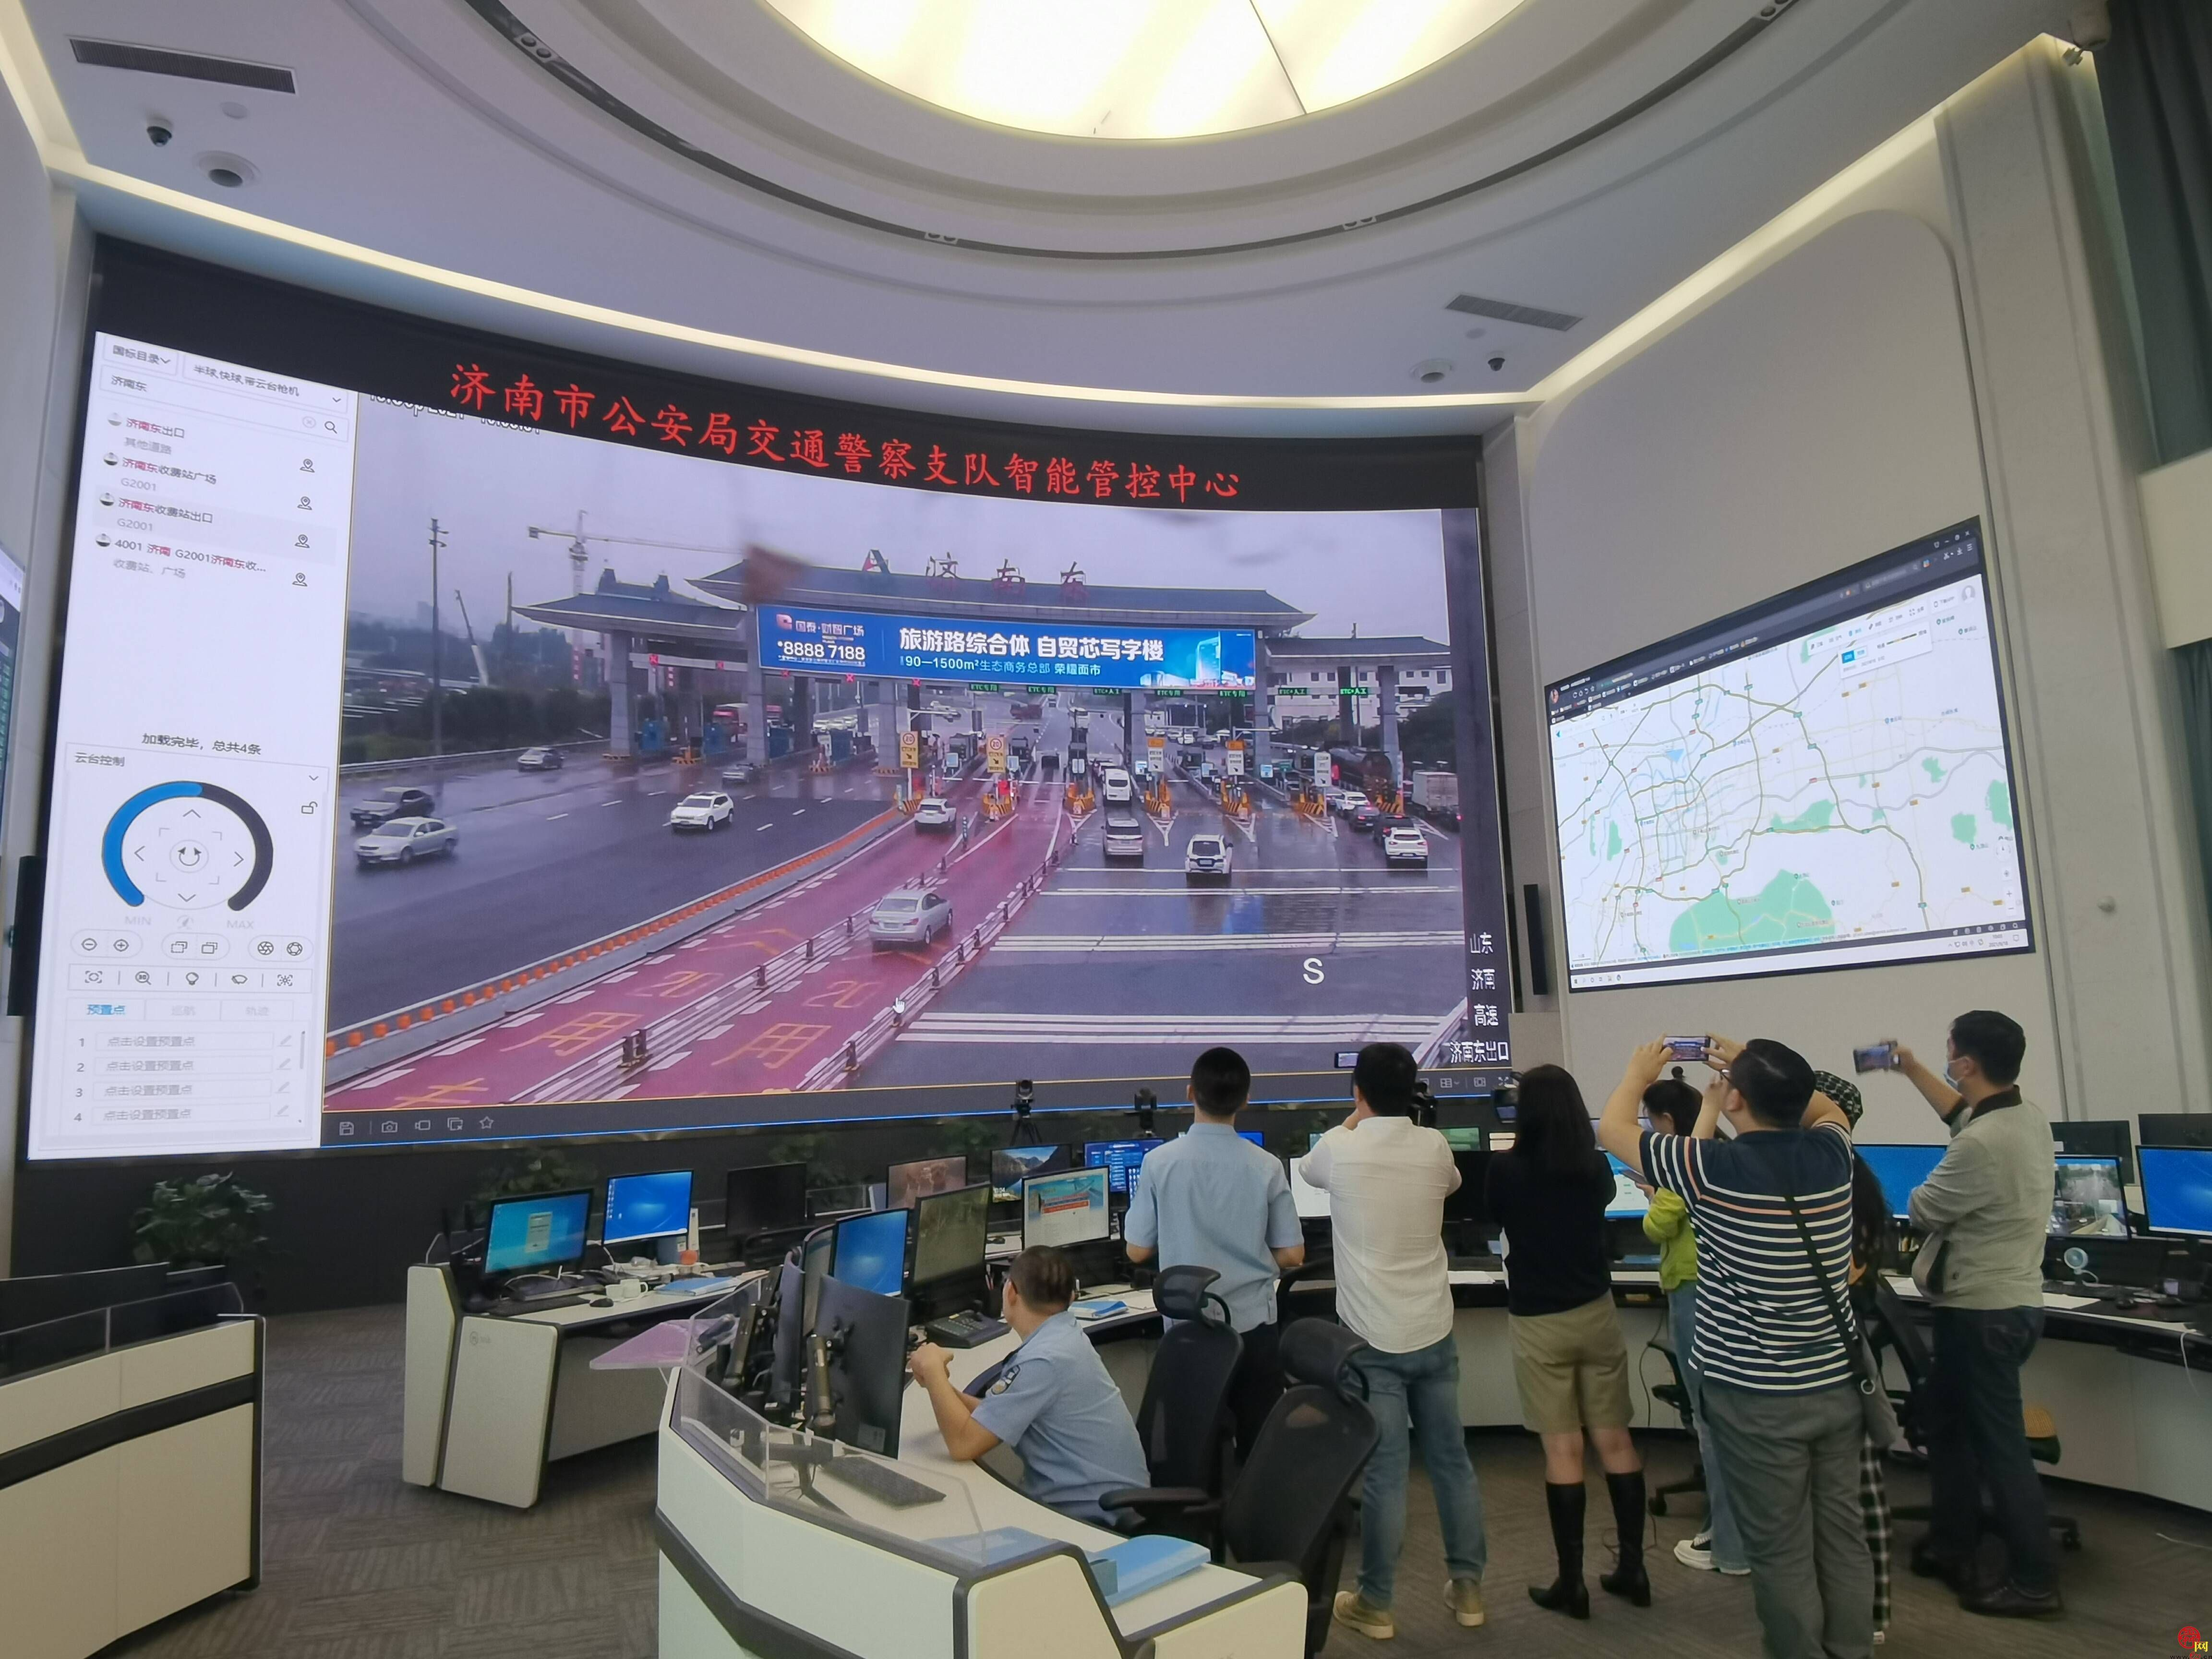 济南交警发布中秋出行提醒,这些路段流量增大容易出现拥堵